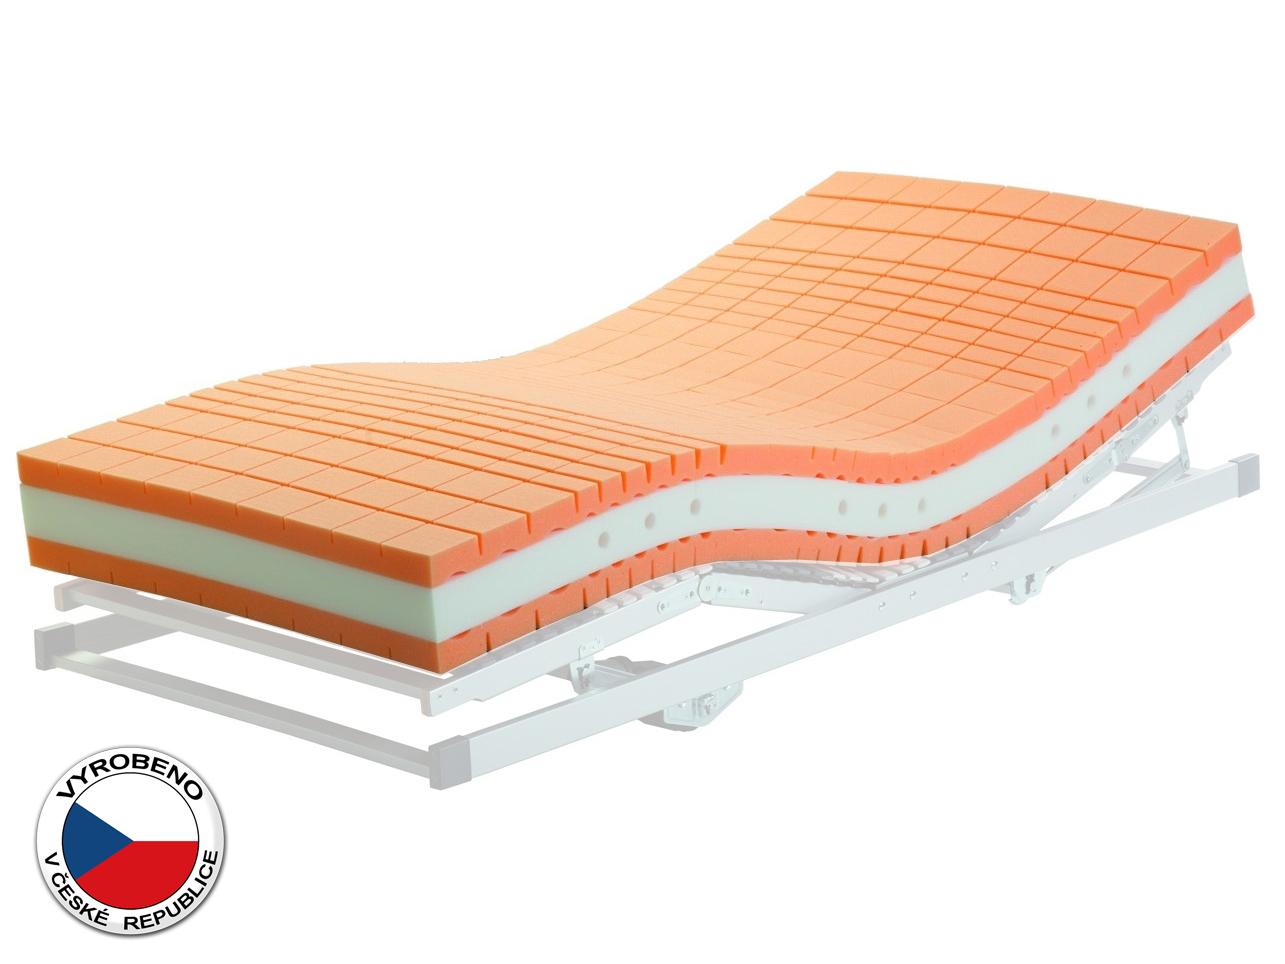 Pěnová matrace - Purtex - Tamara - 200x80 cm (T5). Luxusní a výhodná zdravotní matrace se snímatelným potahem, profilovanou studenou pěnou a zvýšenou nosností.